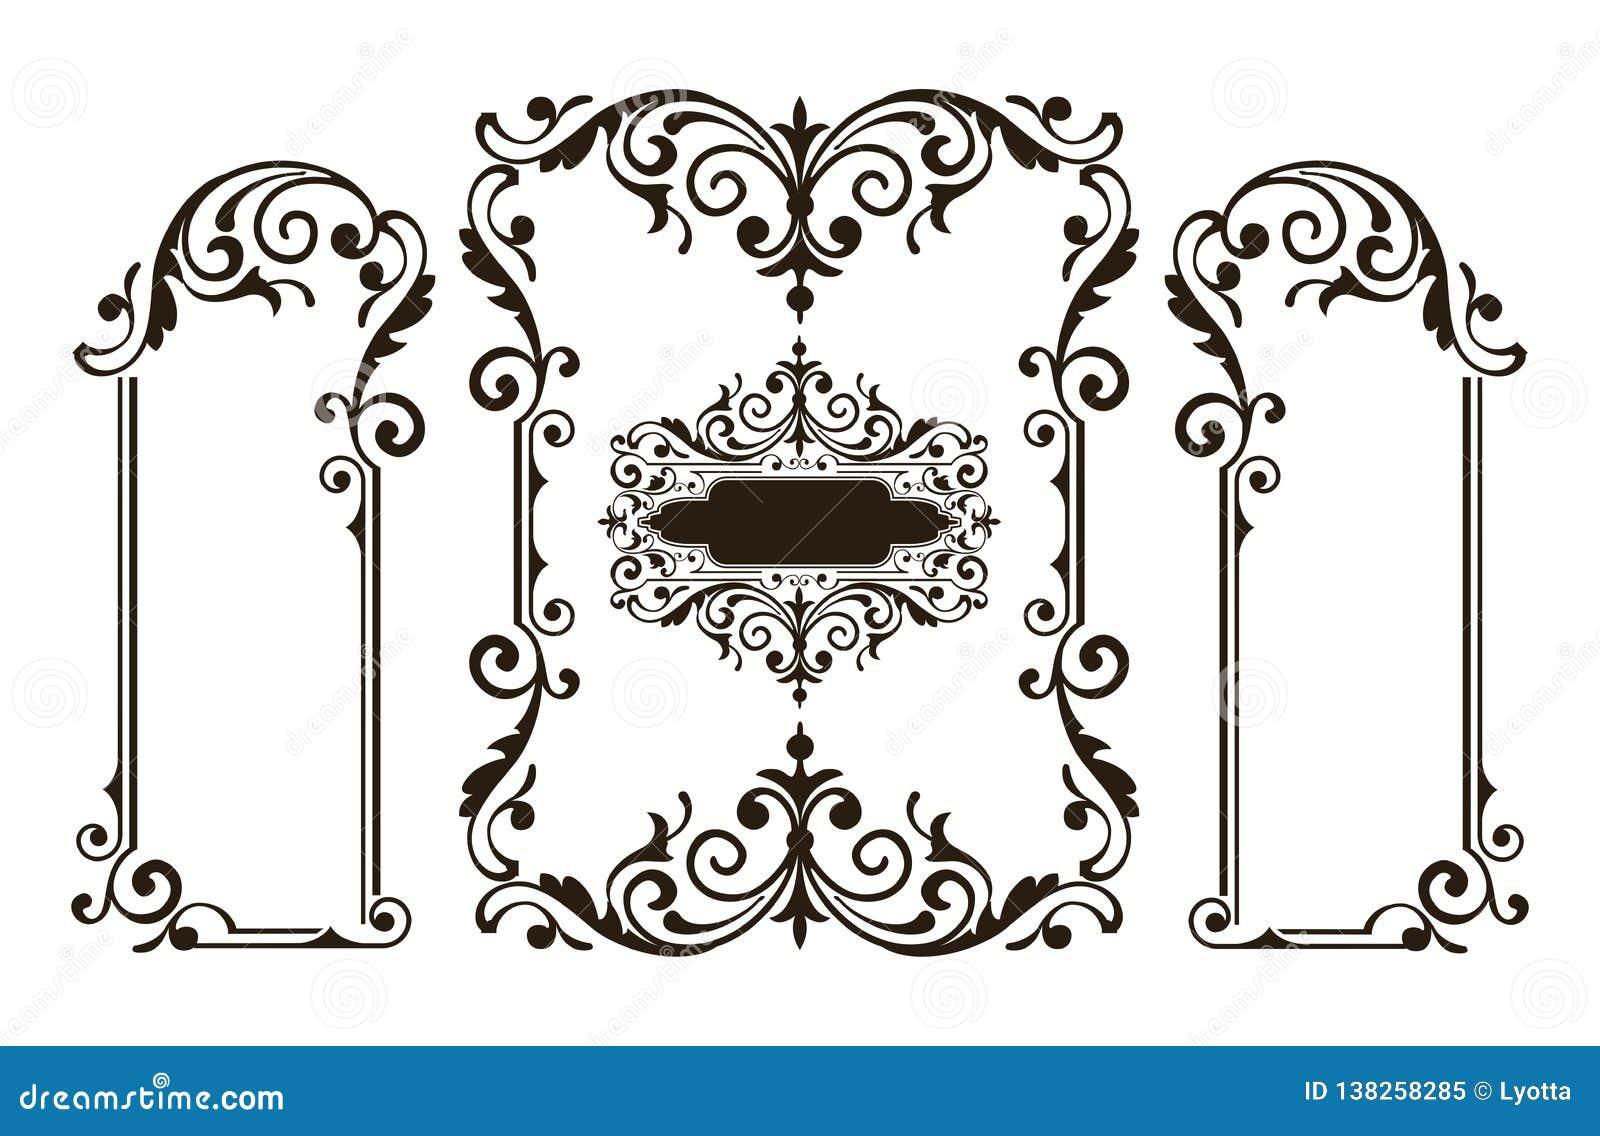 装饰品元素花卉减速火箭的角落框架毗邻贴纸艺术装饰设计例证